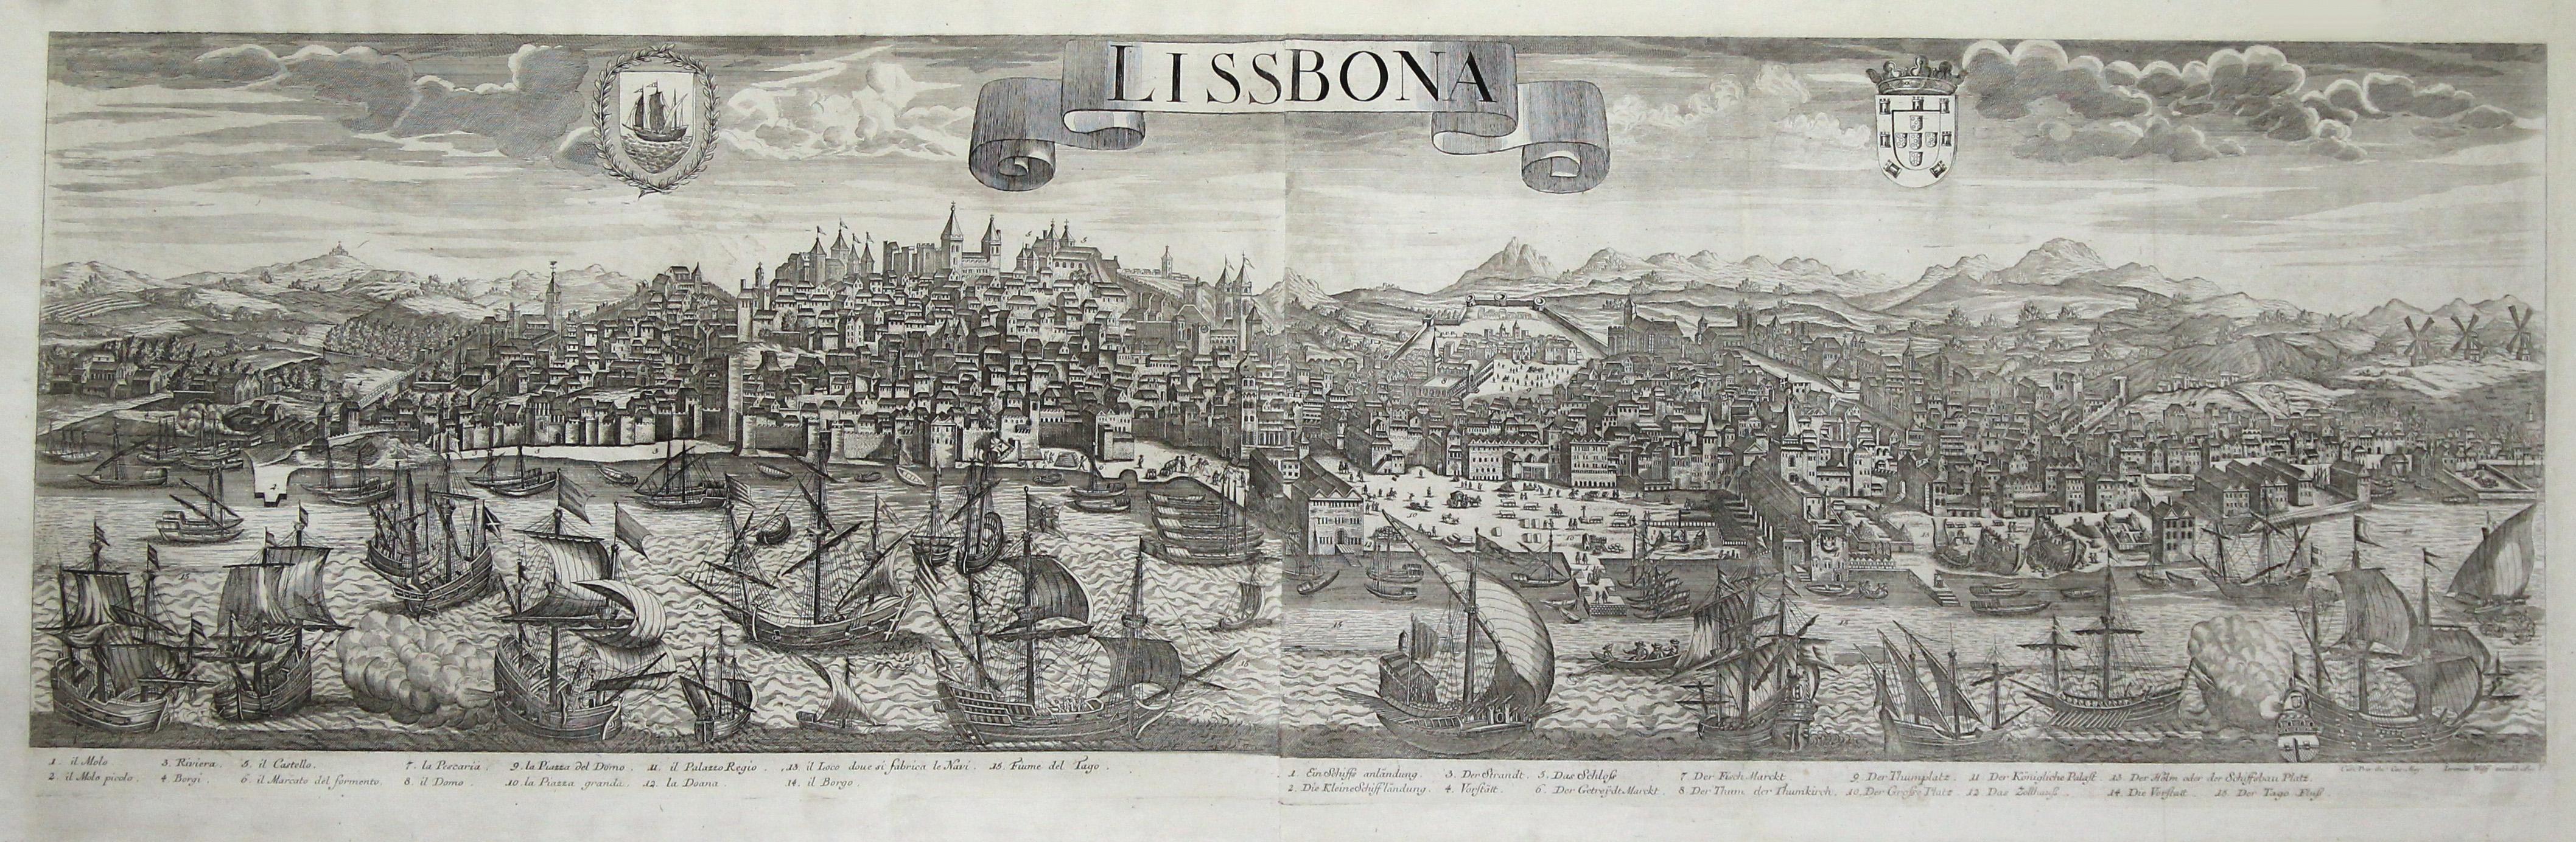 Gesamtansicht, darunter Erklärungen v. 1 - 15,: Lissabon ( Lisboa